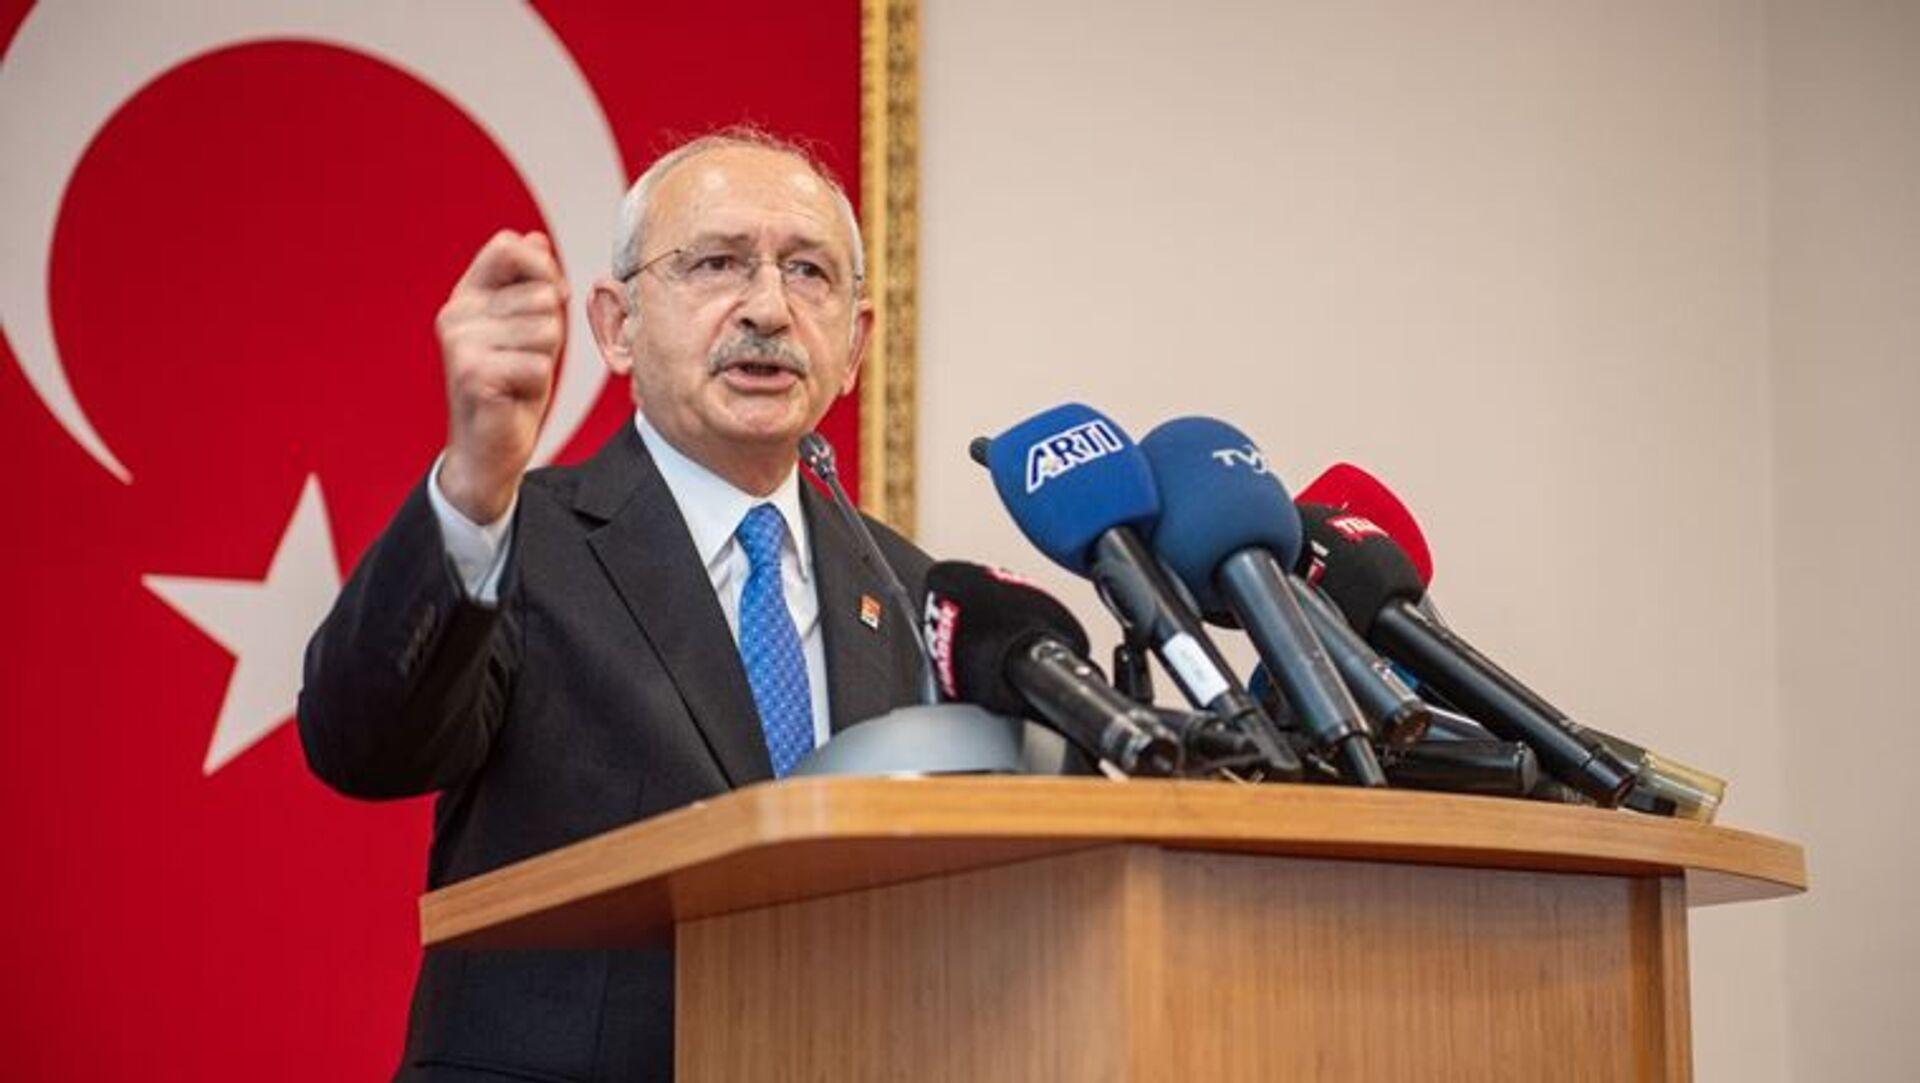 CHP Genel Başkanı Kılıçdaroğlu, Antalya Kriz Merkezi'nde konuştu: Her yıl 1 tane uçak alınsa bugün 19 uçağımız olacaktı - Sputnik Türkiye, 1920, 27.08.2021